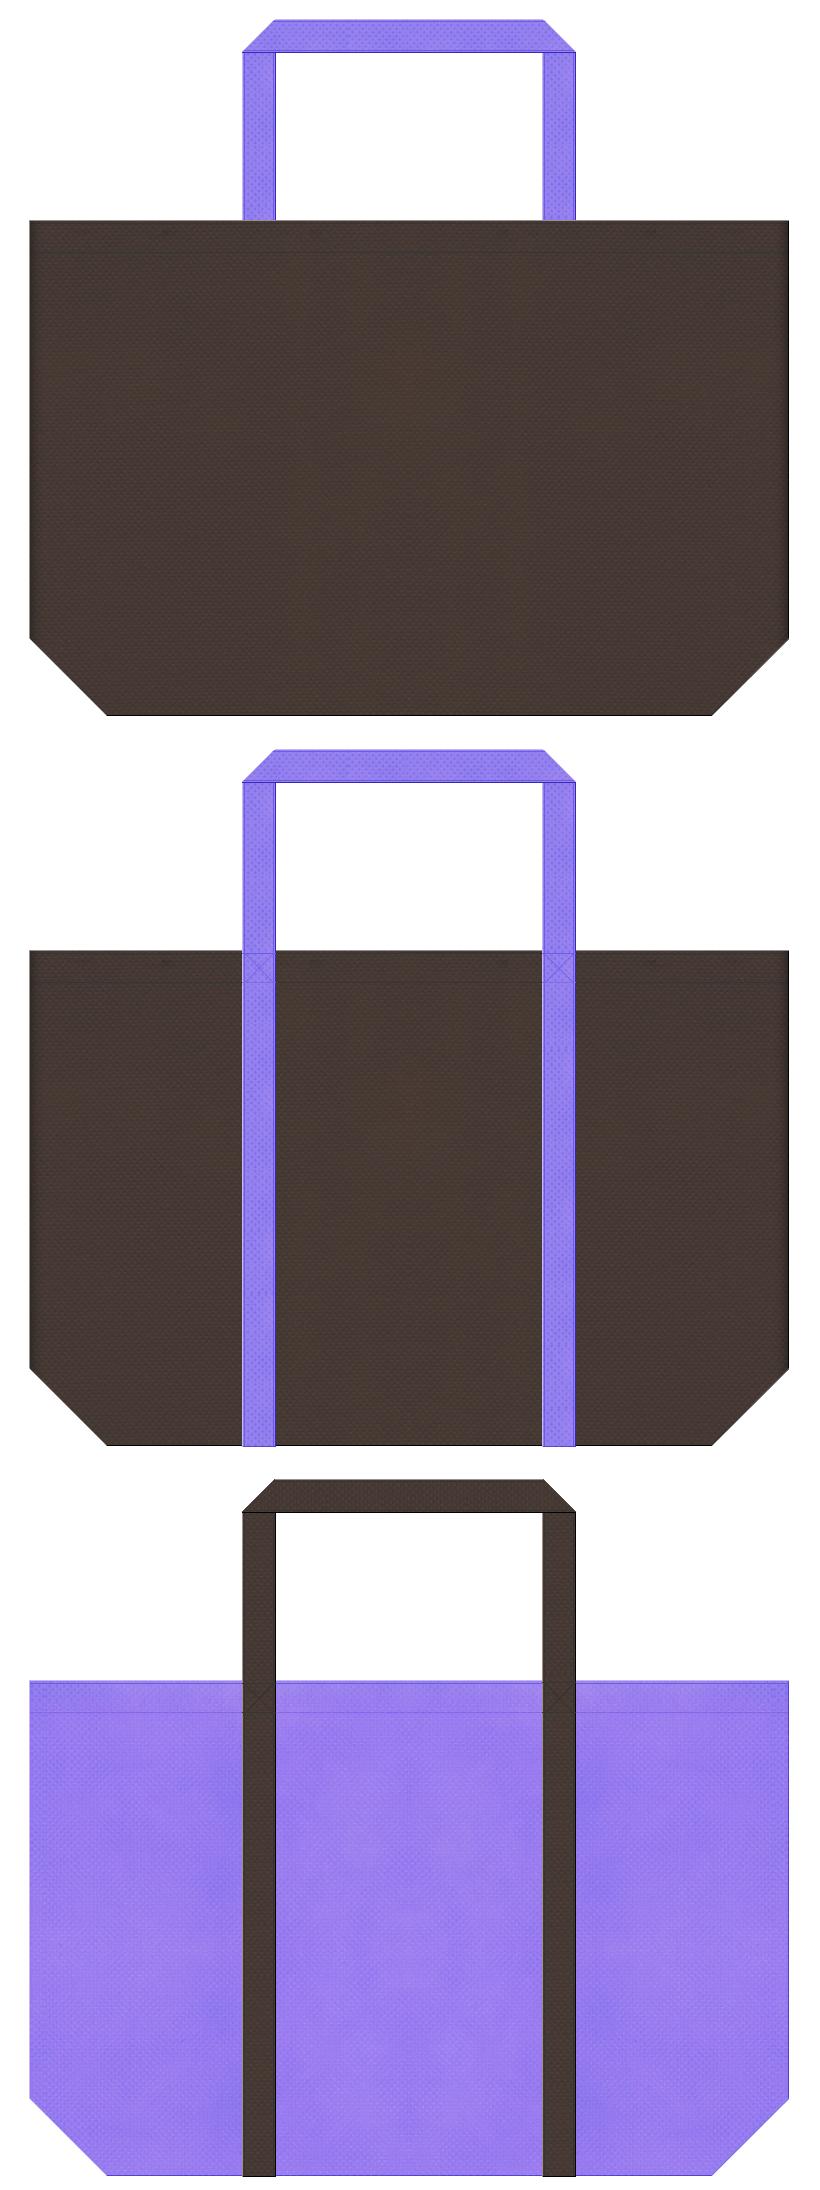 こげ茶色と薄紫色の不織布ショッピングバッグデザイン。コスプレ衣装・ウィッグのショッピングバッグにお奨めの配色です。